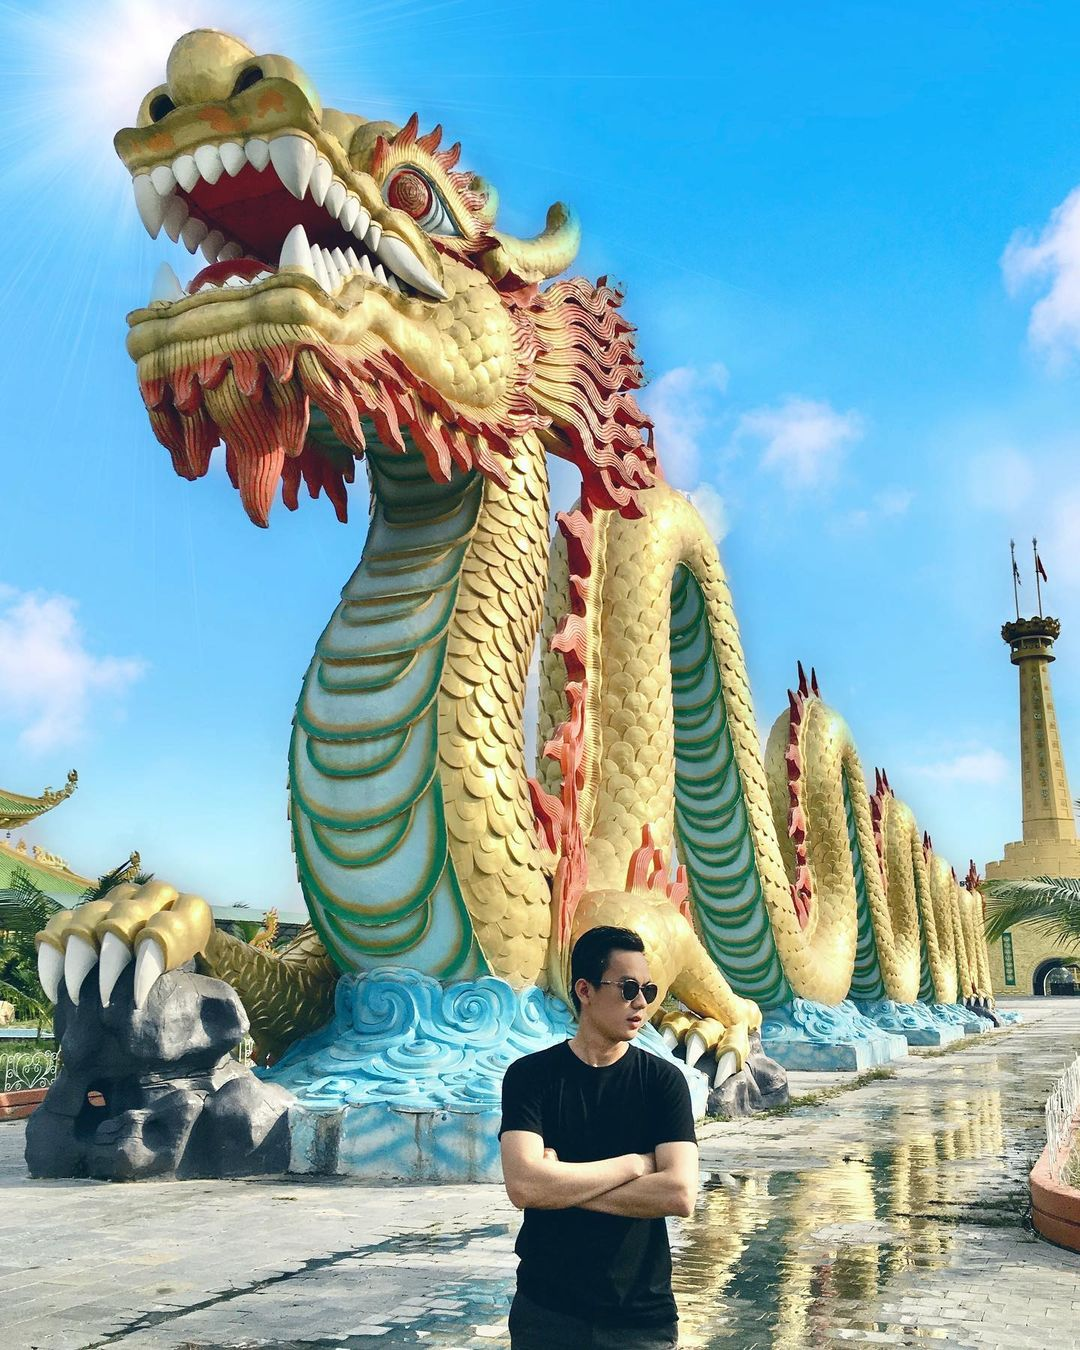 7 khu du lịch khét tiếng nhất Việt Nam: Đại Nam của bà Phương Hằng nắm giữ nhiều kỷ lục khủng, những chỗ còn lại cũng không kém cạnh - Ảnh 3.